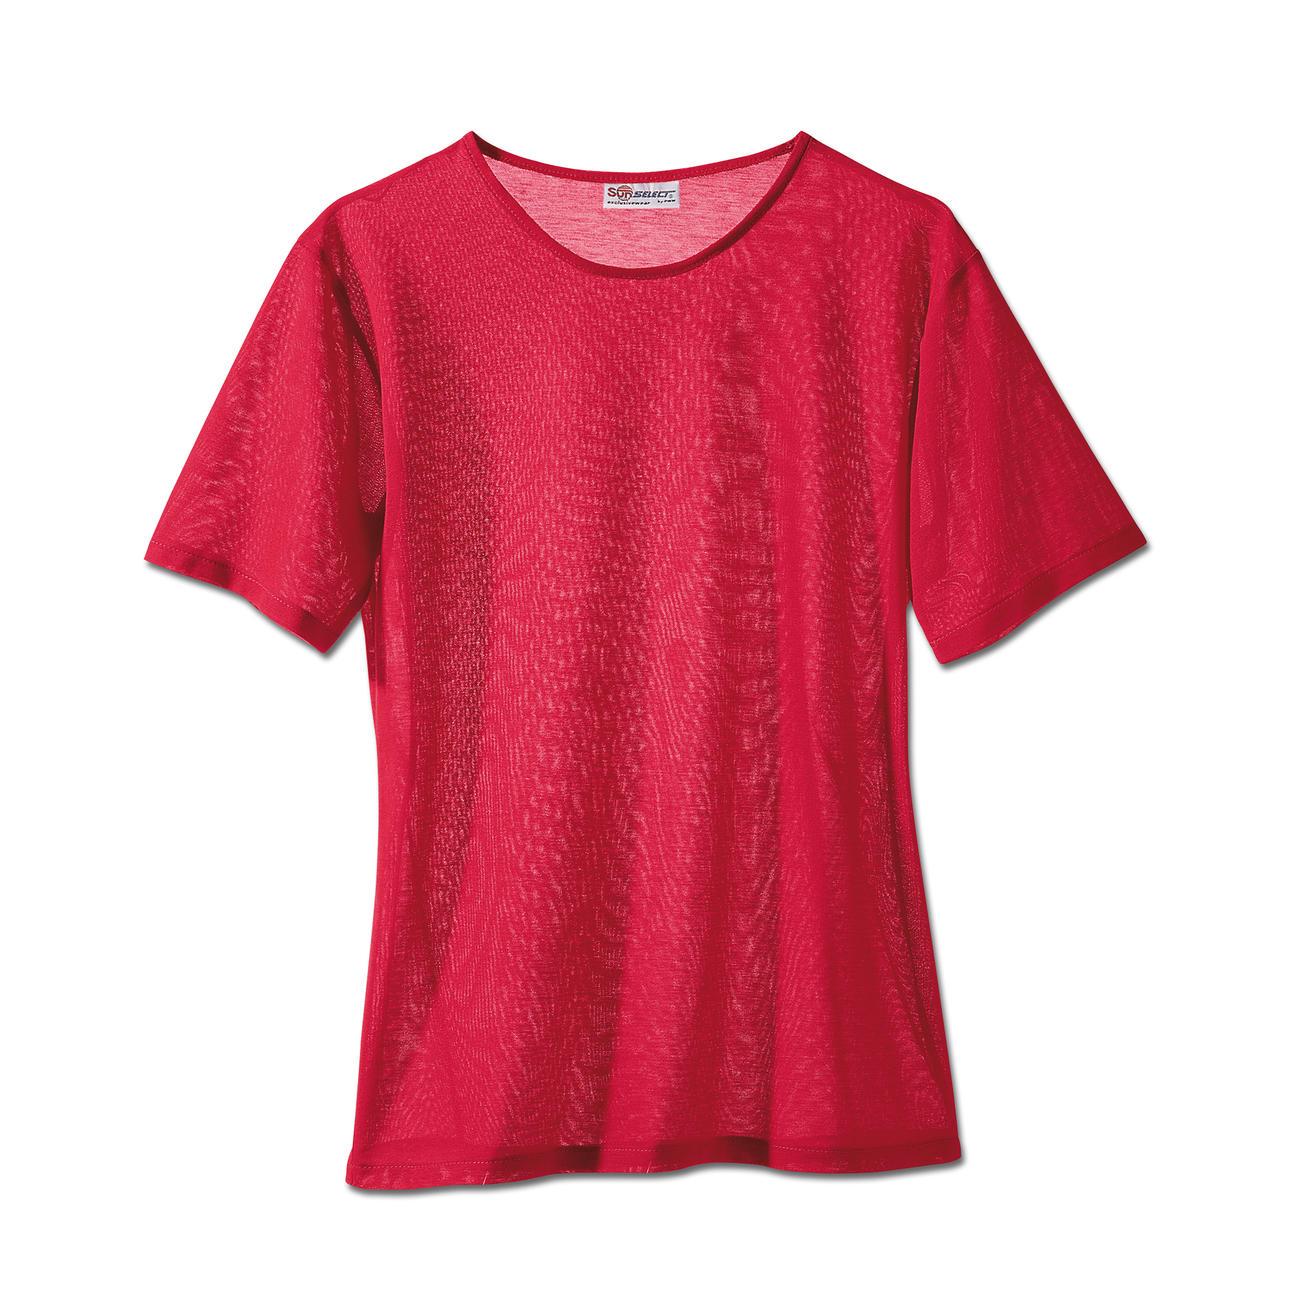 sunselect shirt herren mode klassiker entdecken. Black Bedroom Furniture Sets. Home Design Ideas